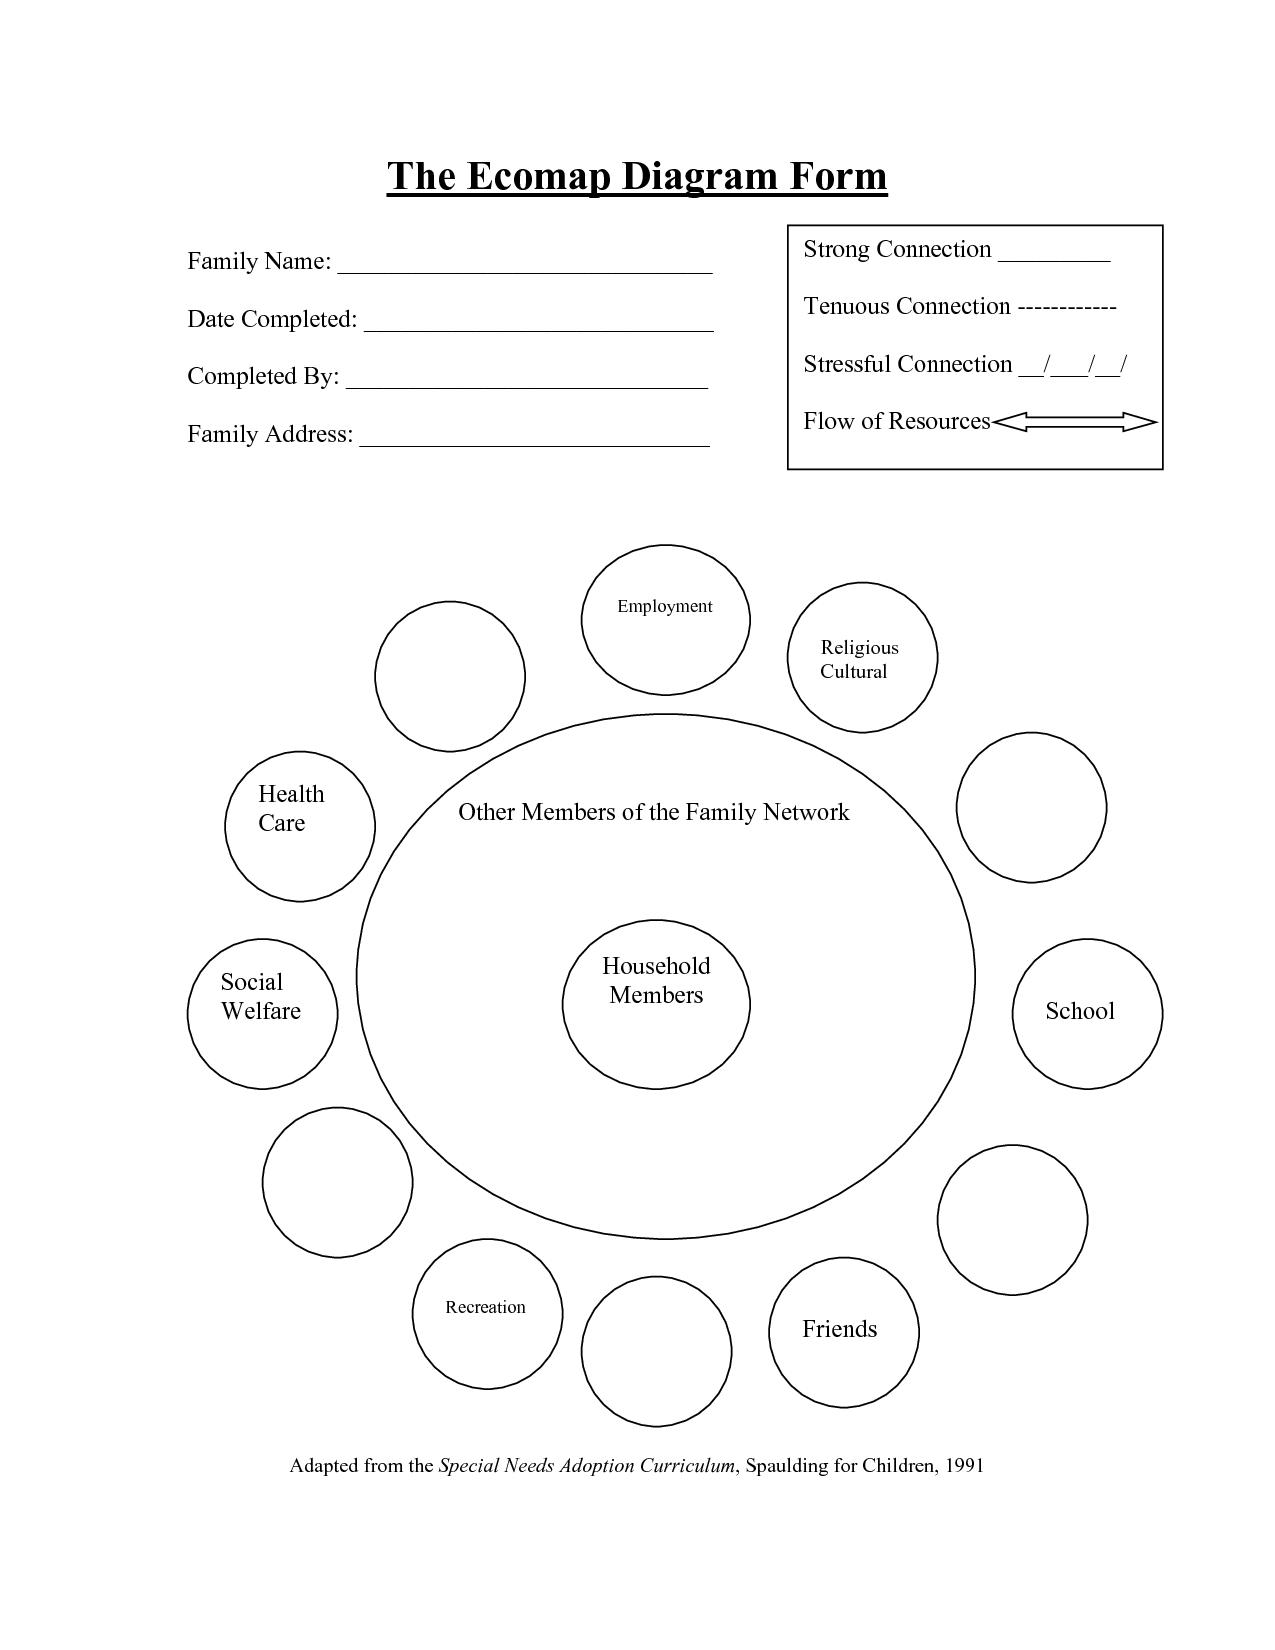 Individual Ecomap Example At Askives